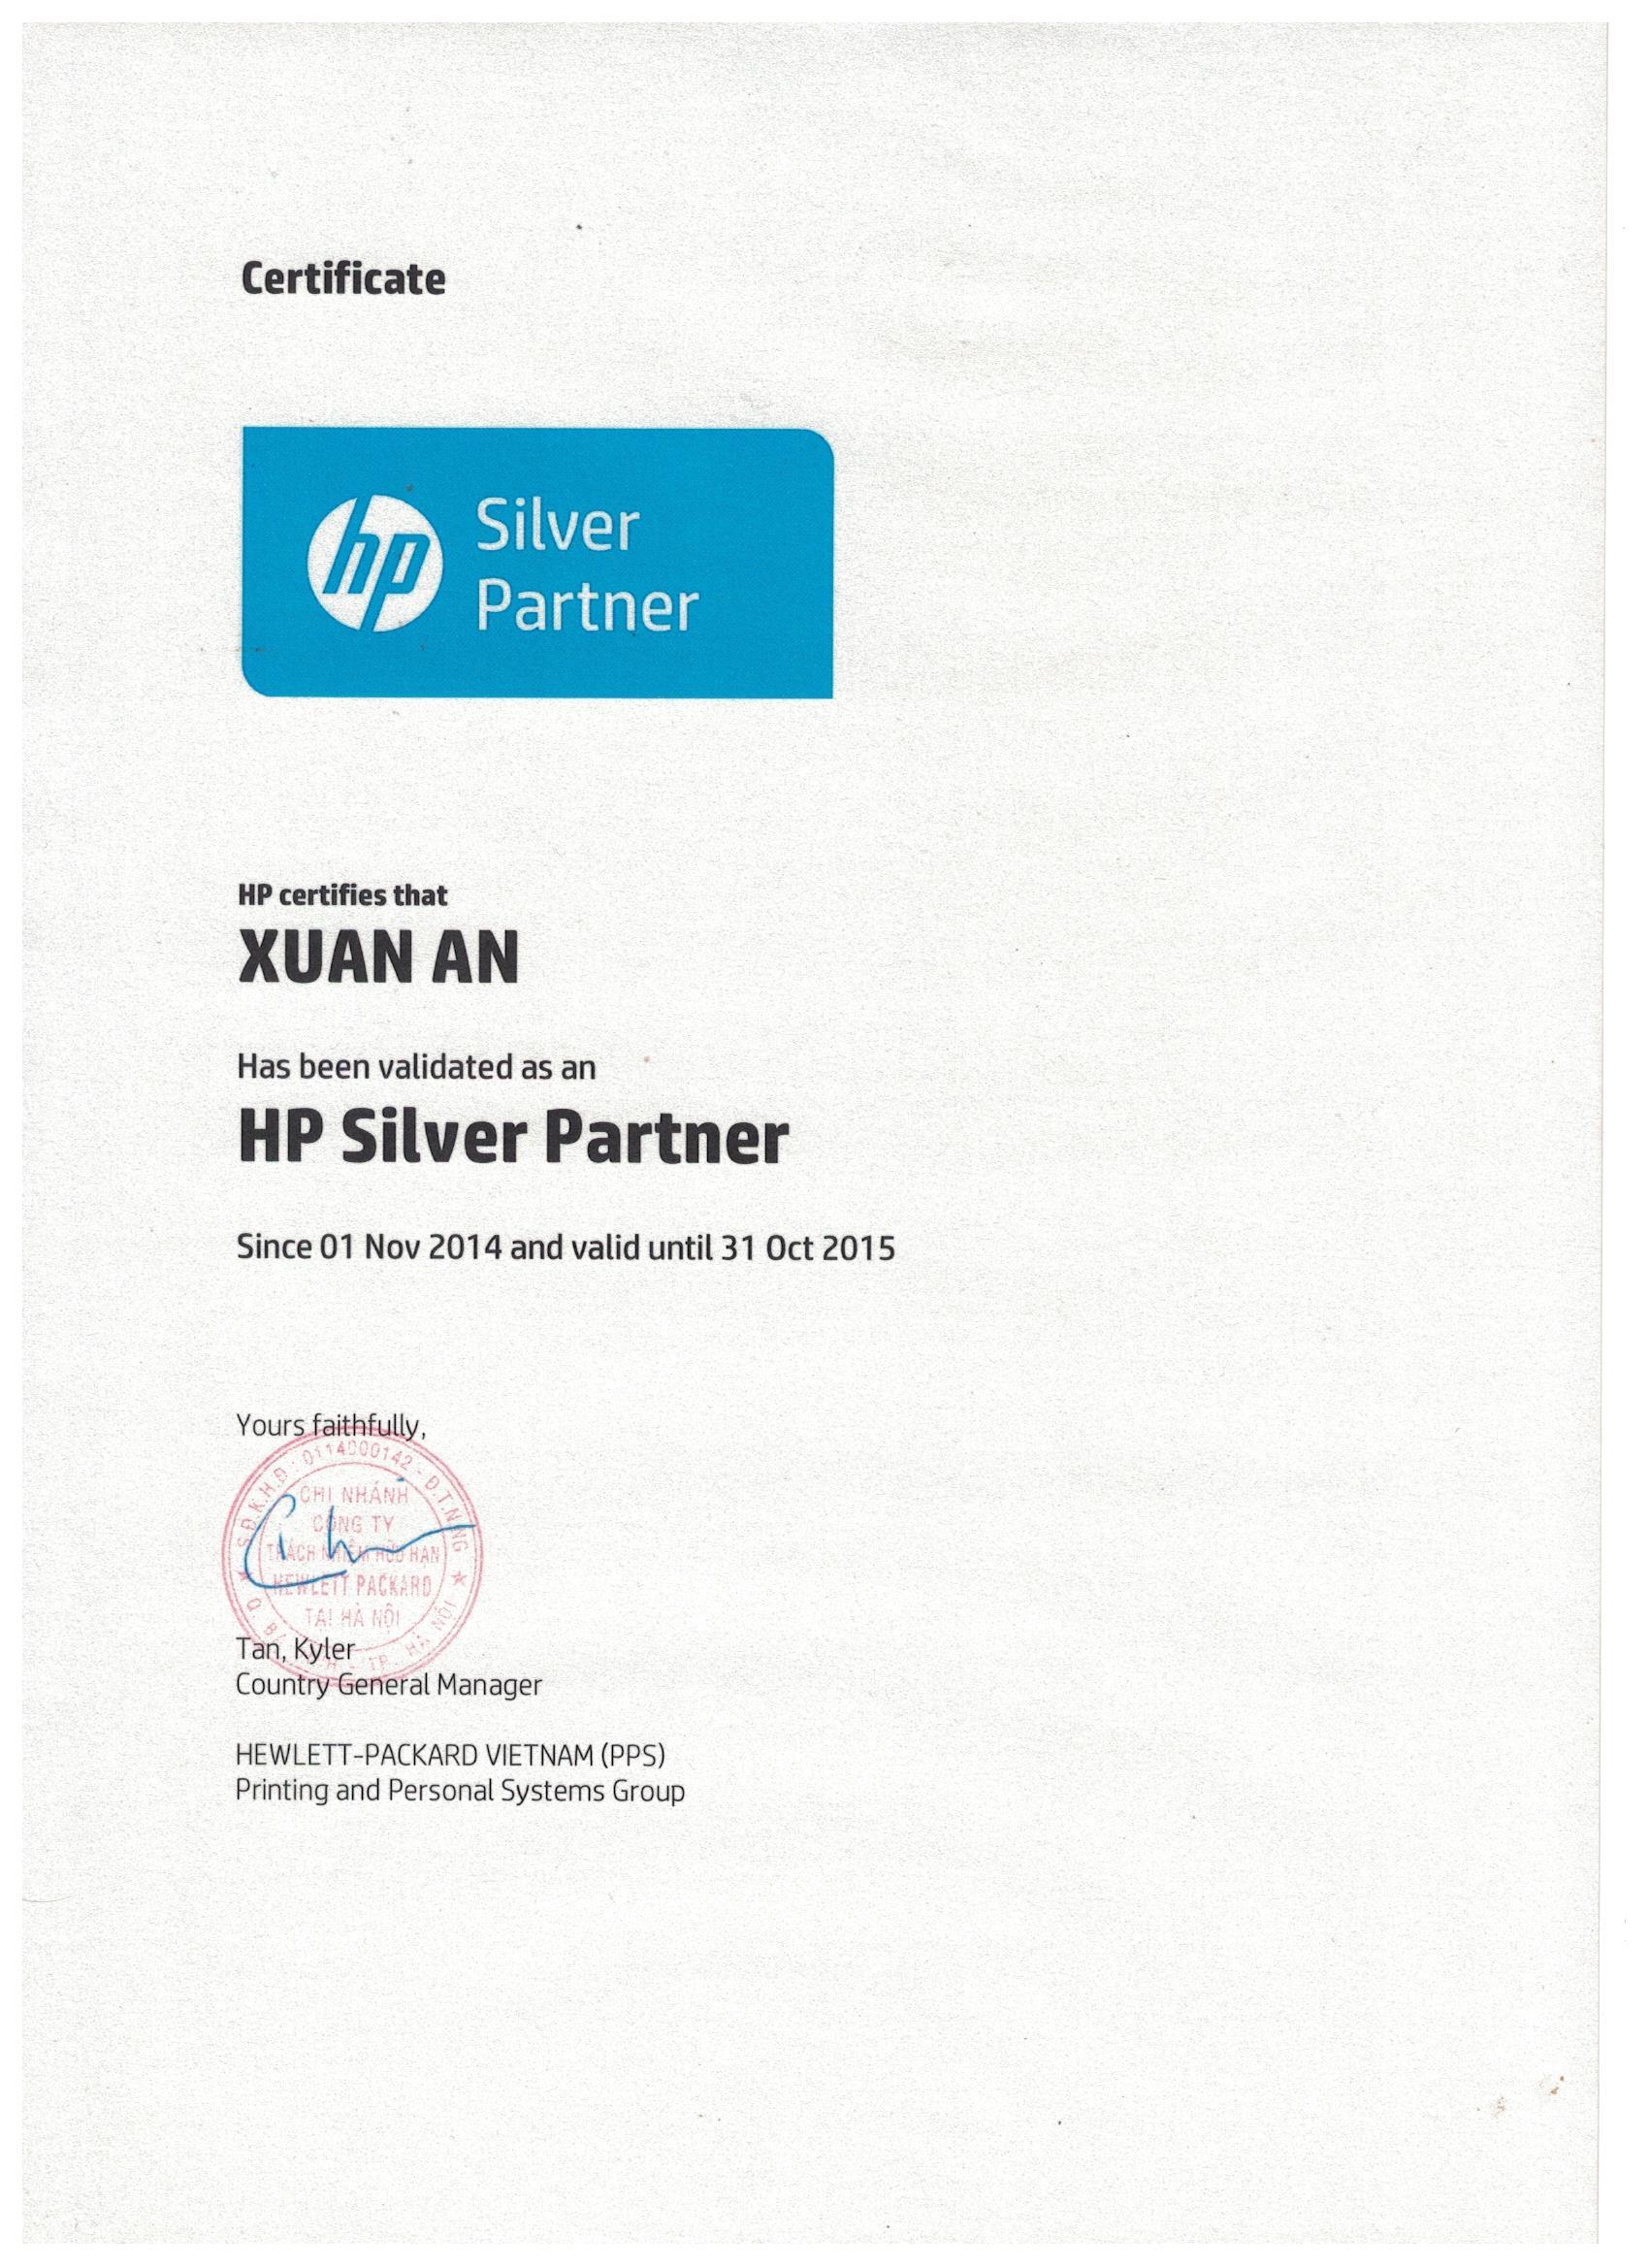 HP Probook 450 G6 - 8GV33PA (Silver)